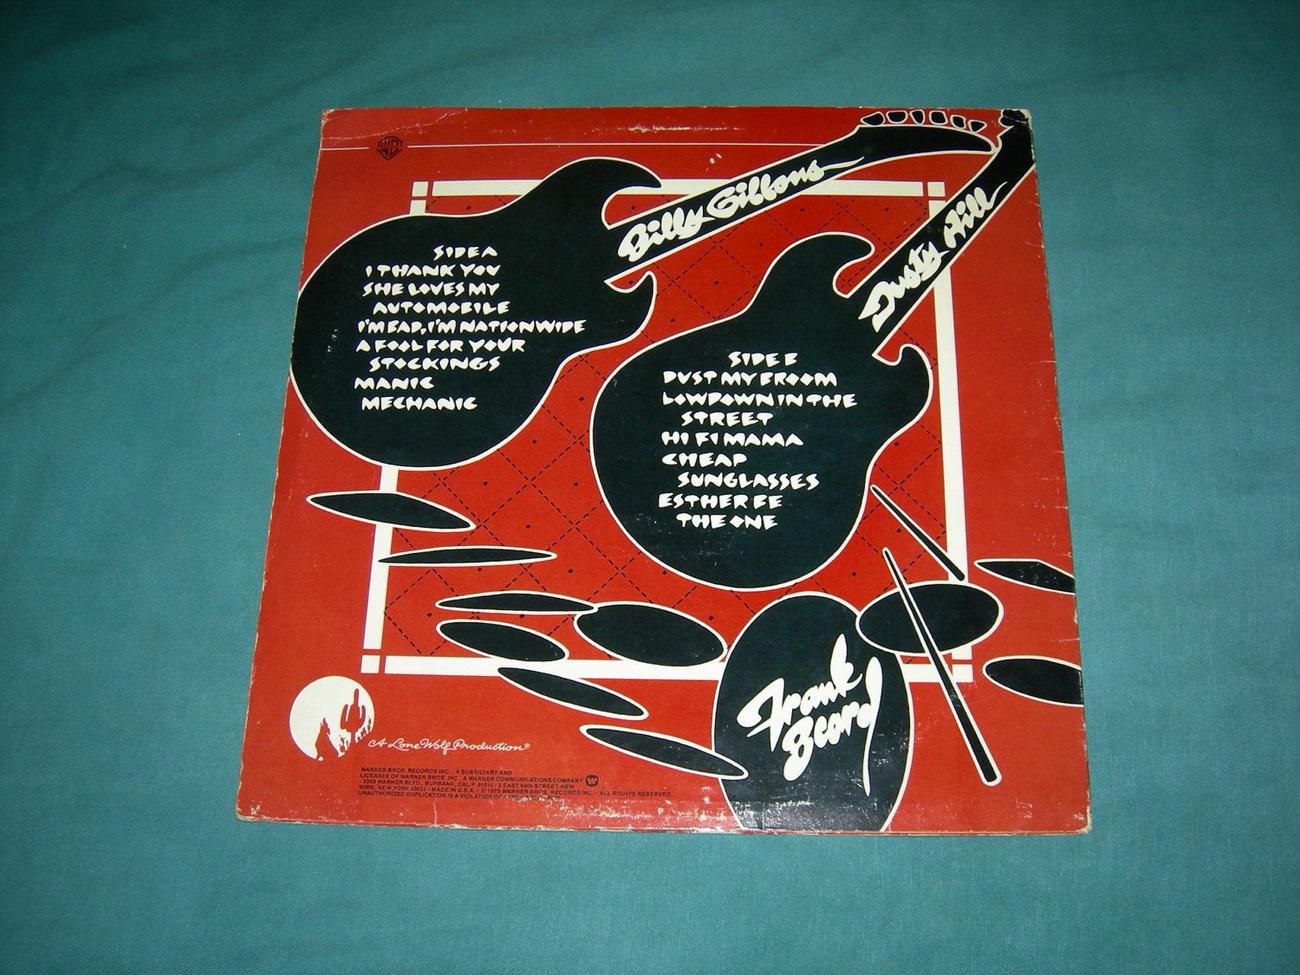 ZZ Top - Deguello - LP - 1979